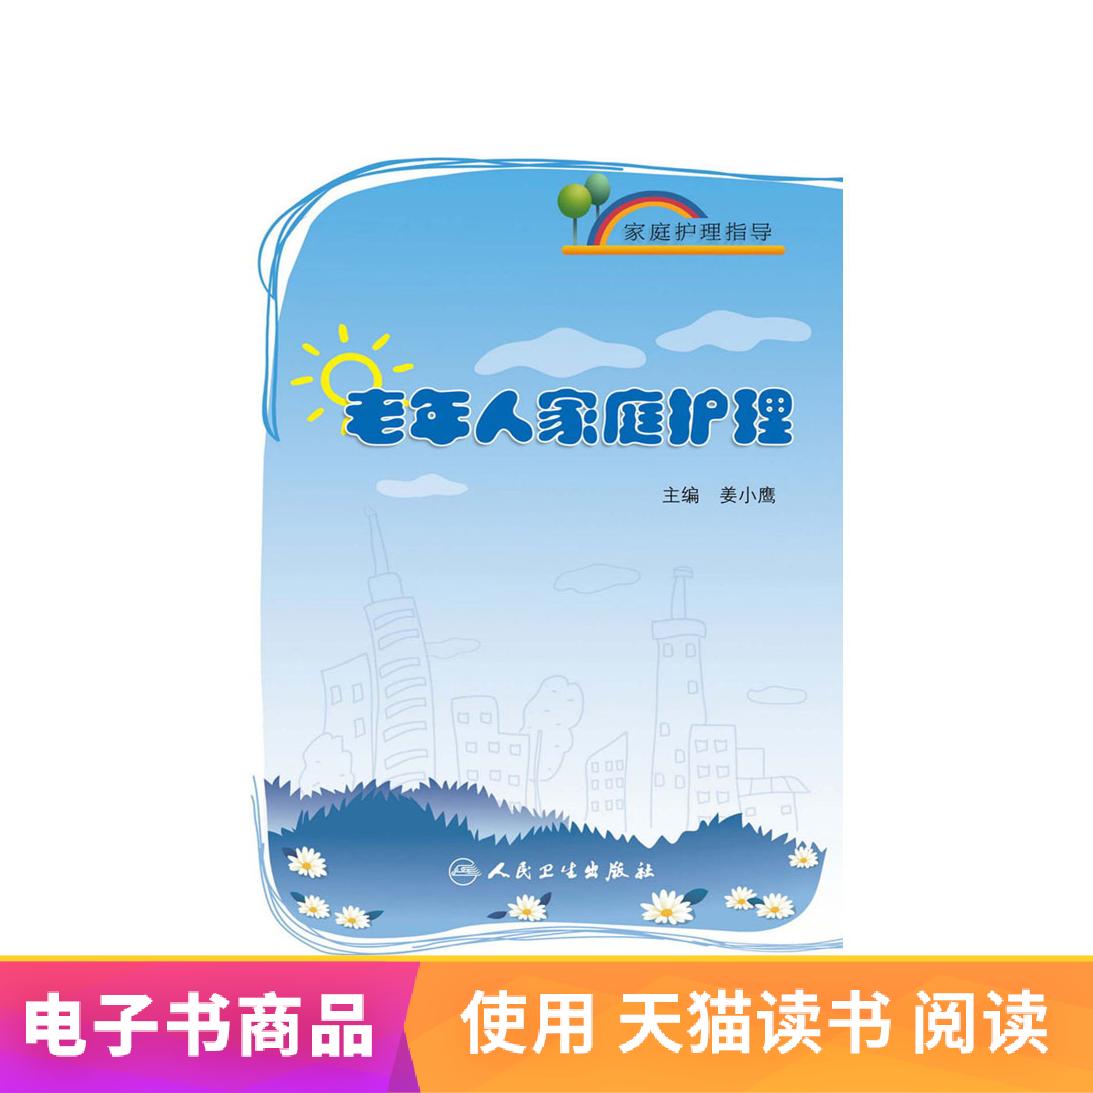 老年人家庭护理姜小鹰主编人民卫生出版社【电子书】